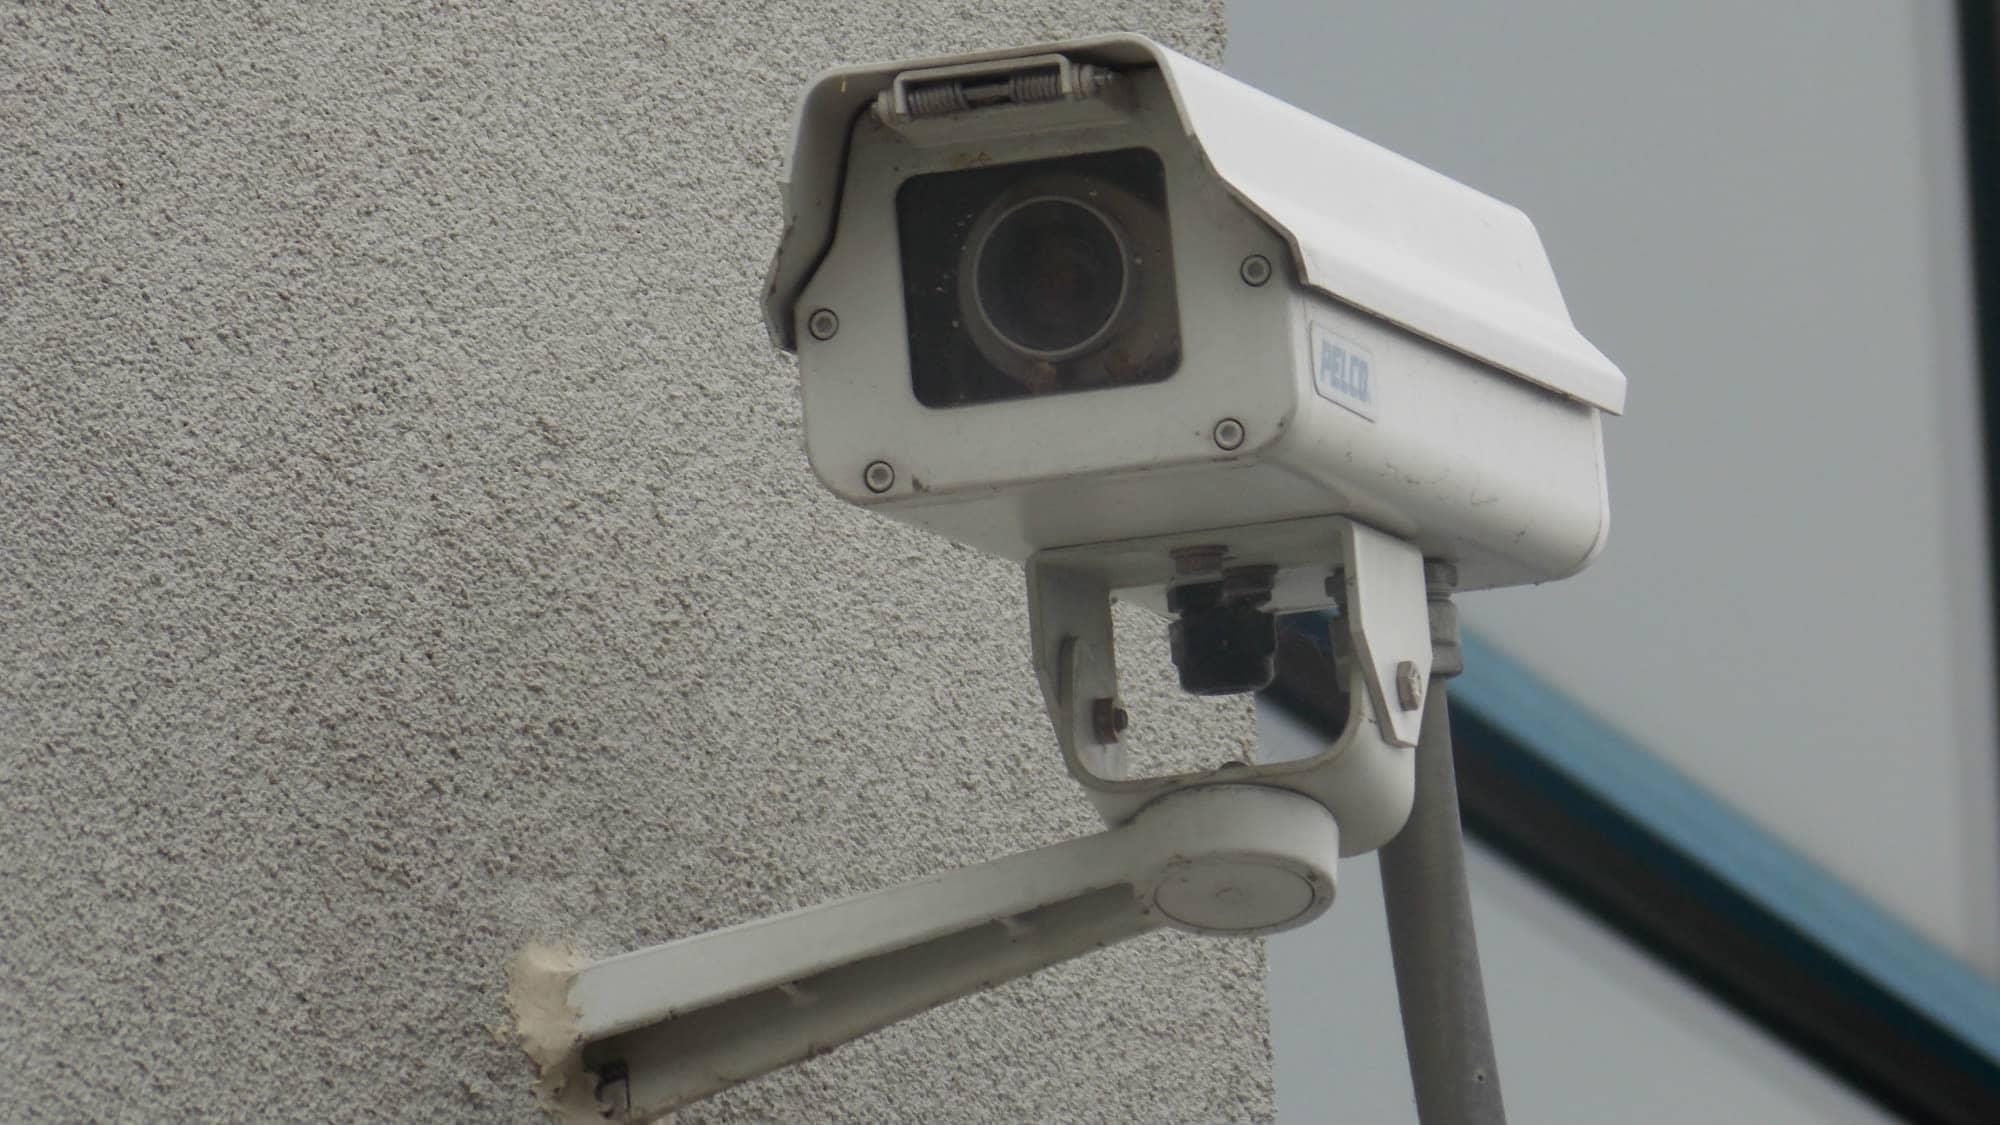 Security camera at Self Storage Plus in Arlington, VA